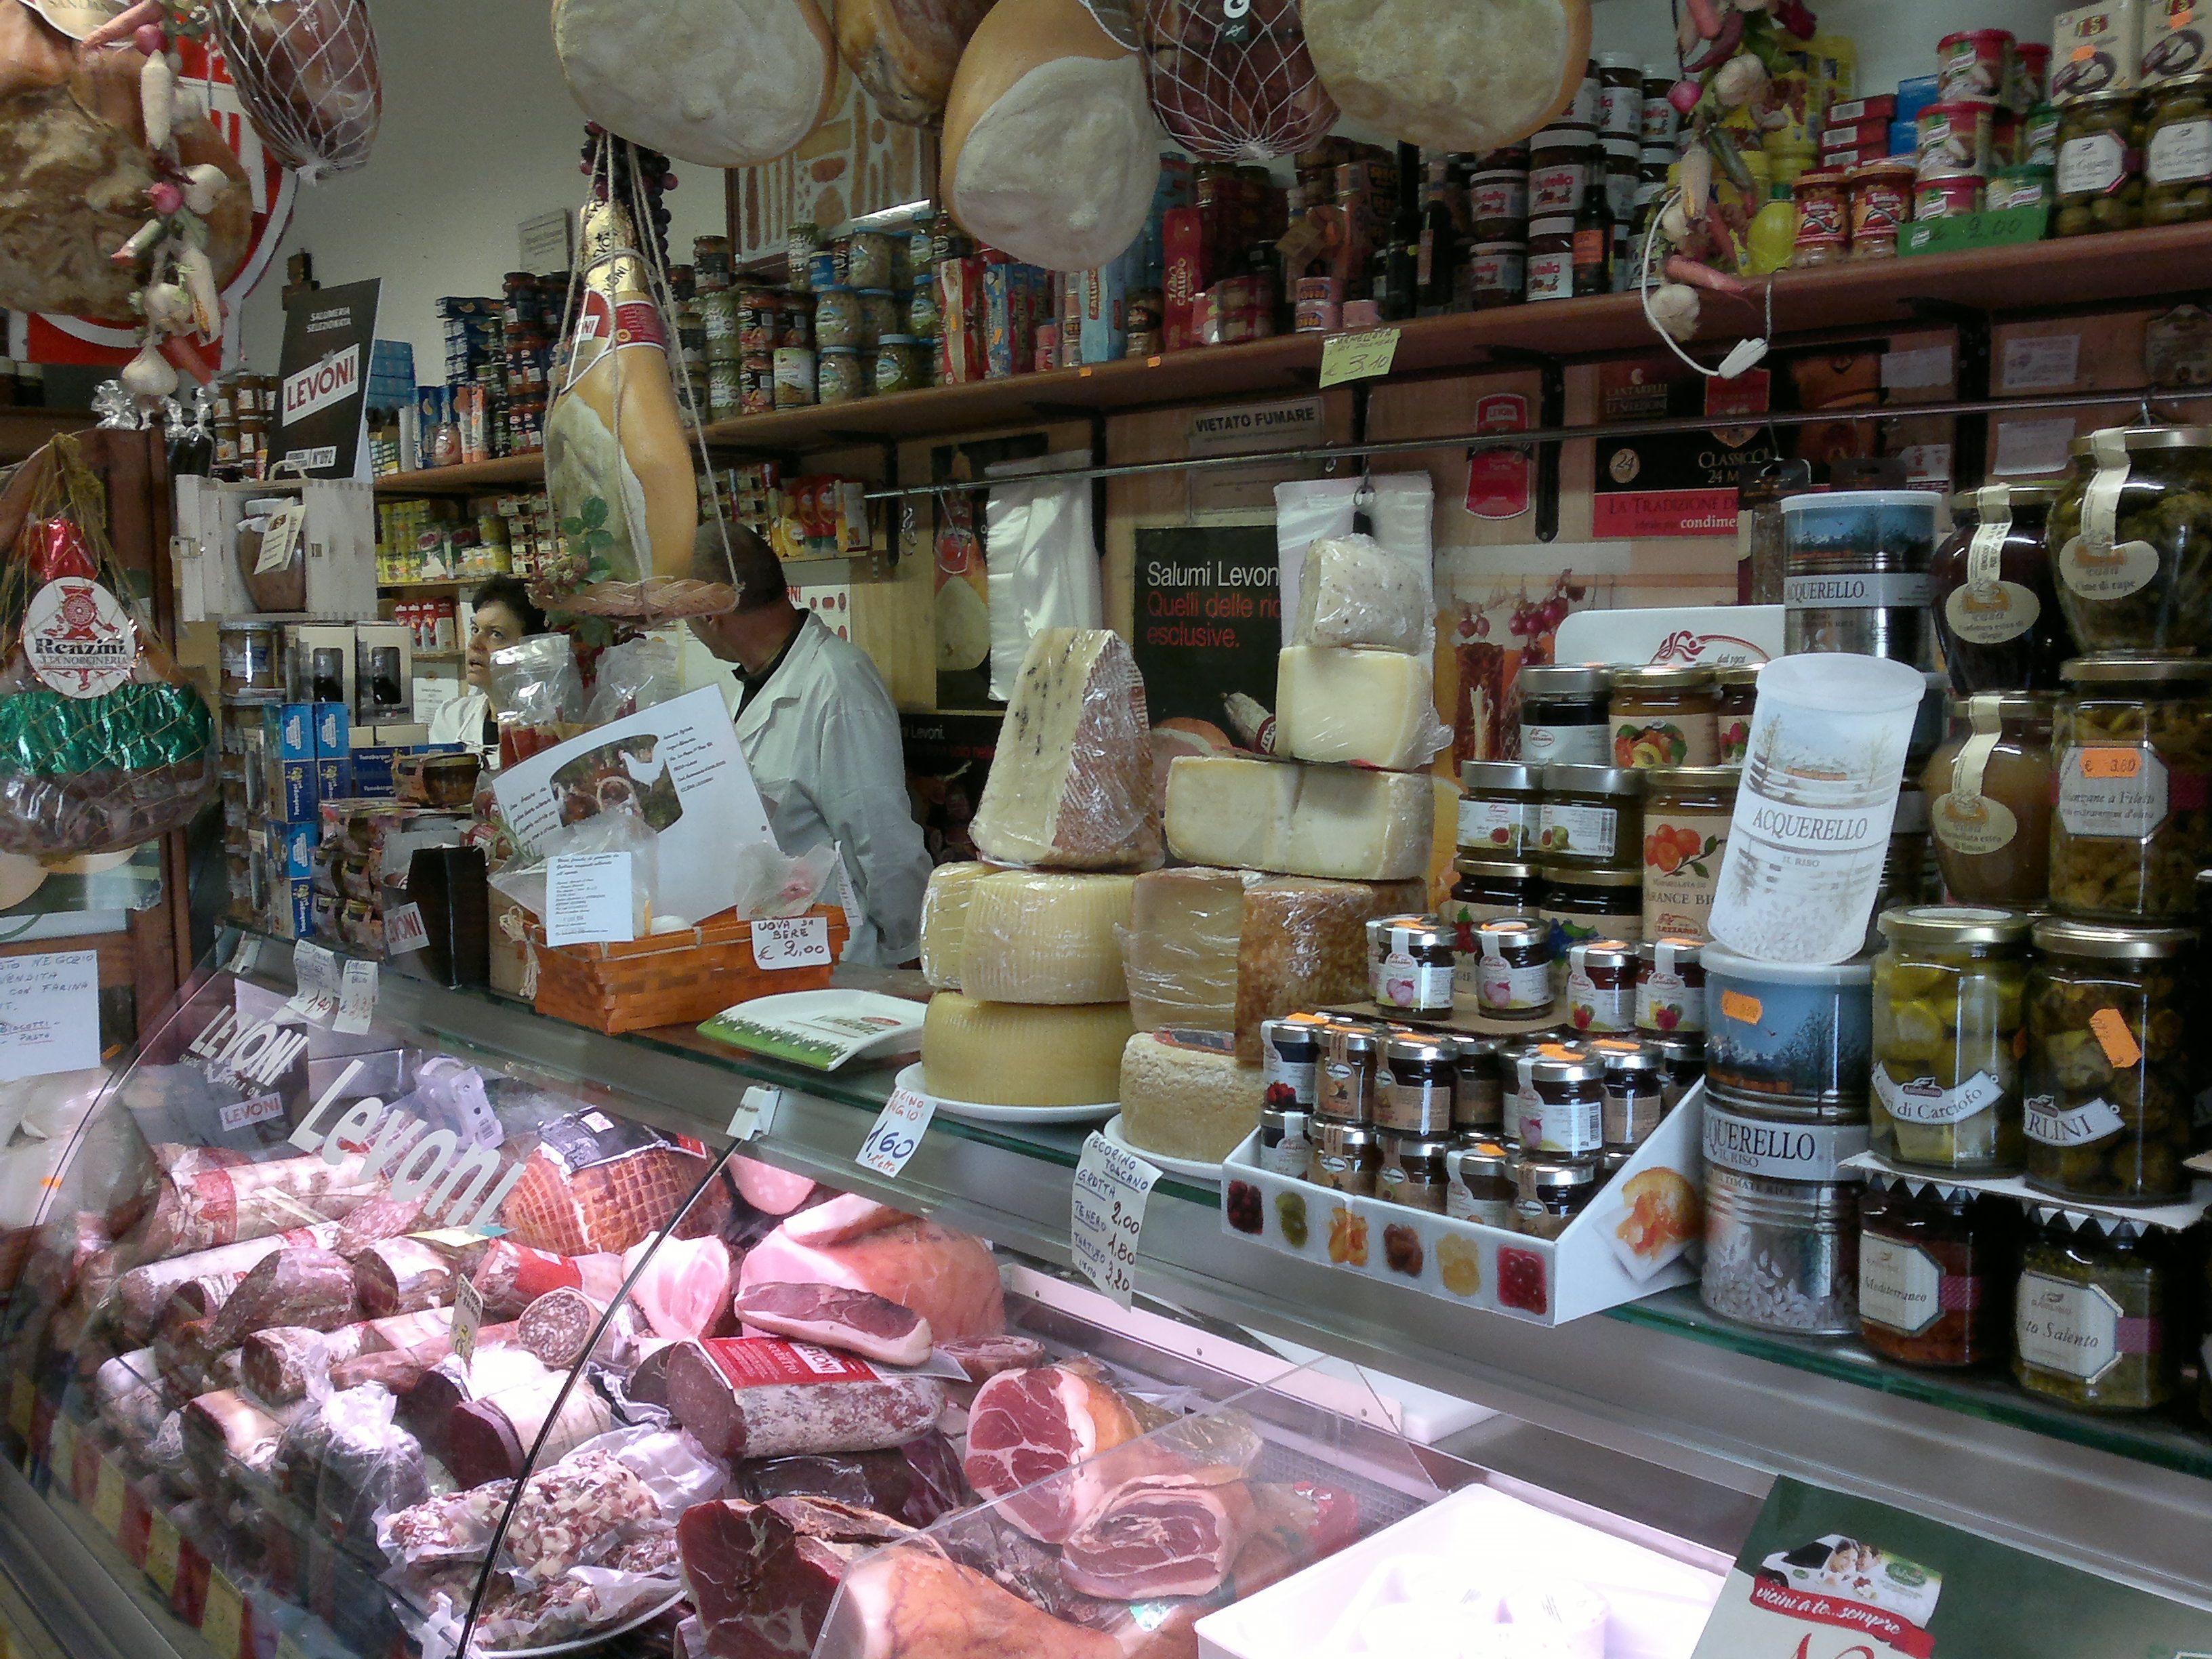 Catanzaro Vito - Via Gabriele D'Annunzio, 10 - Lecce - Foto all'interno del negozio nr.1